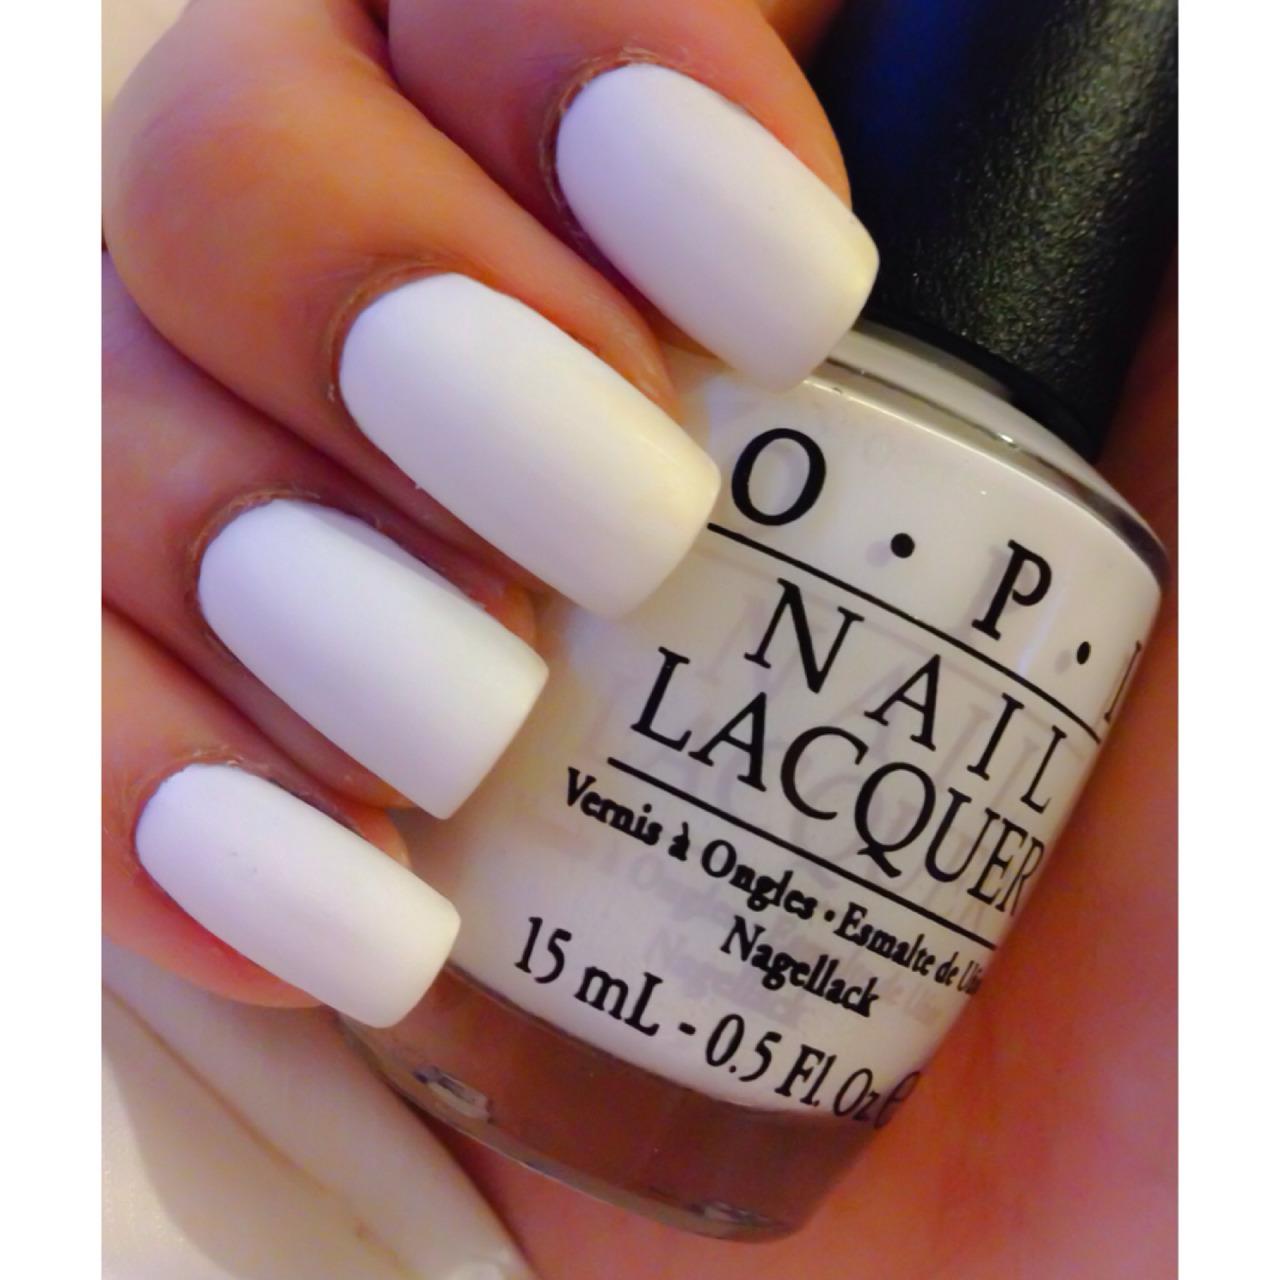 matte nail polish | Tumblr on We Heart It